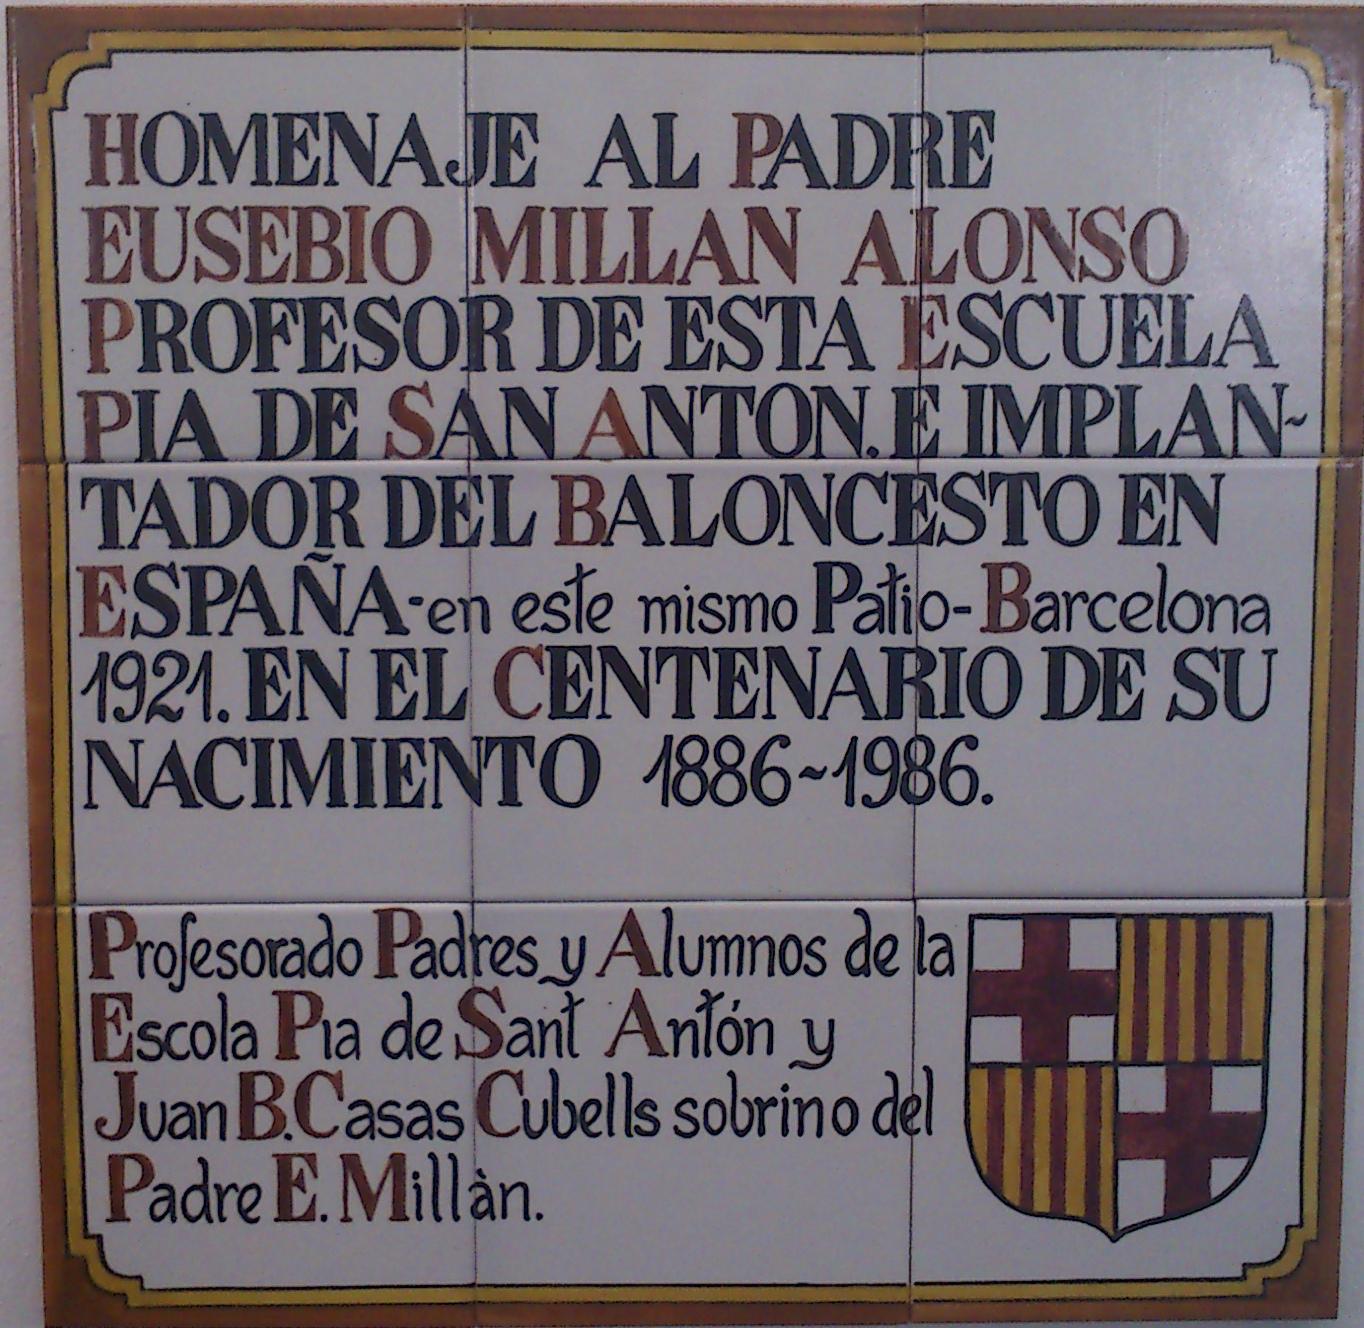 1986 placa homenatge Eusebio Millan